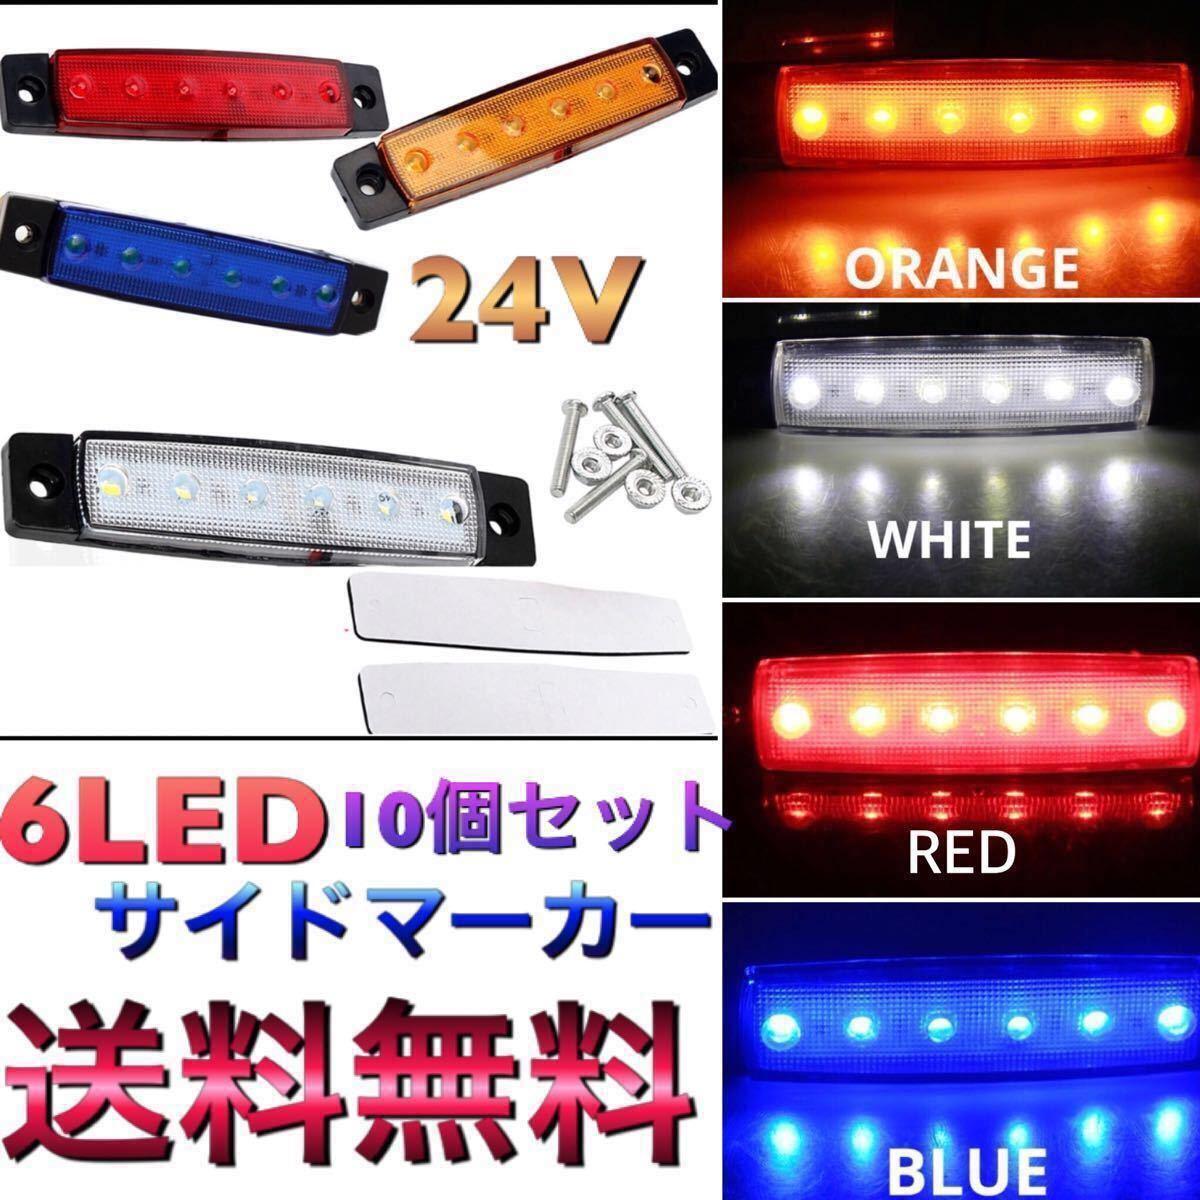 【送料無料】6LED 24V 10個セット サイドマーカー 車 トラック 白 青 赤 黄